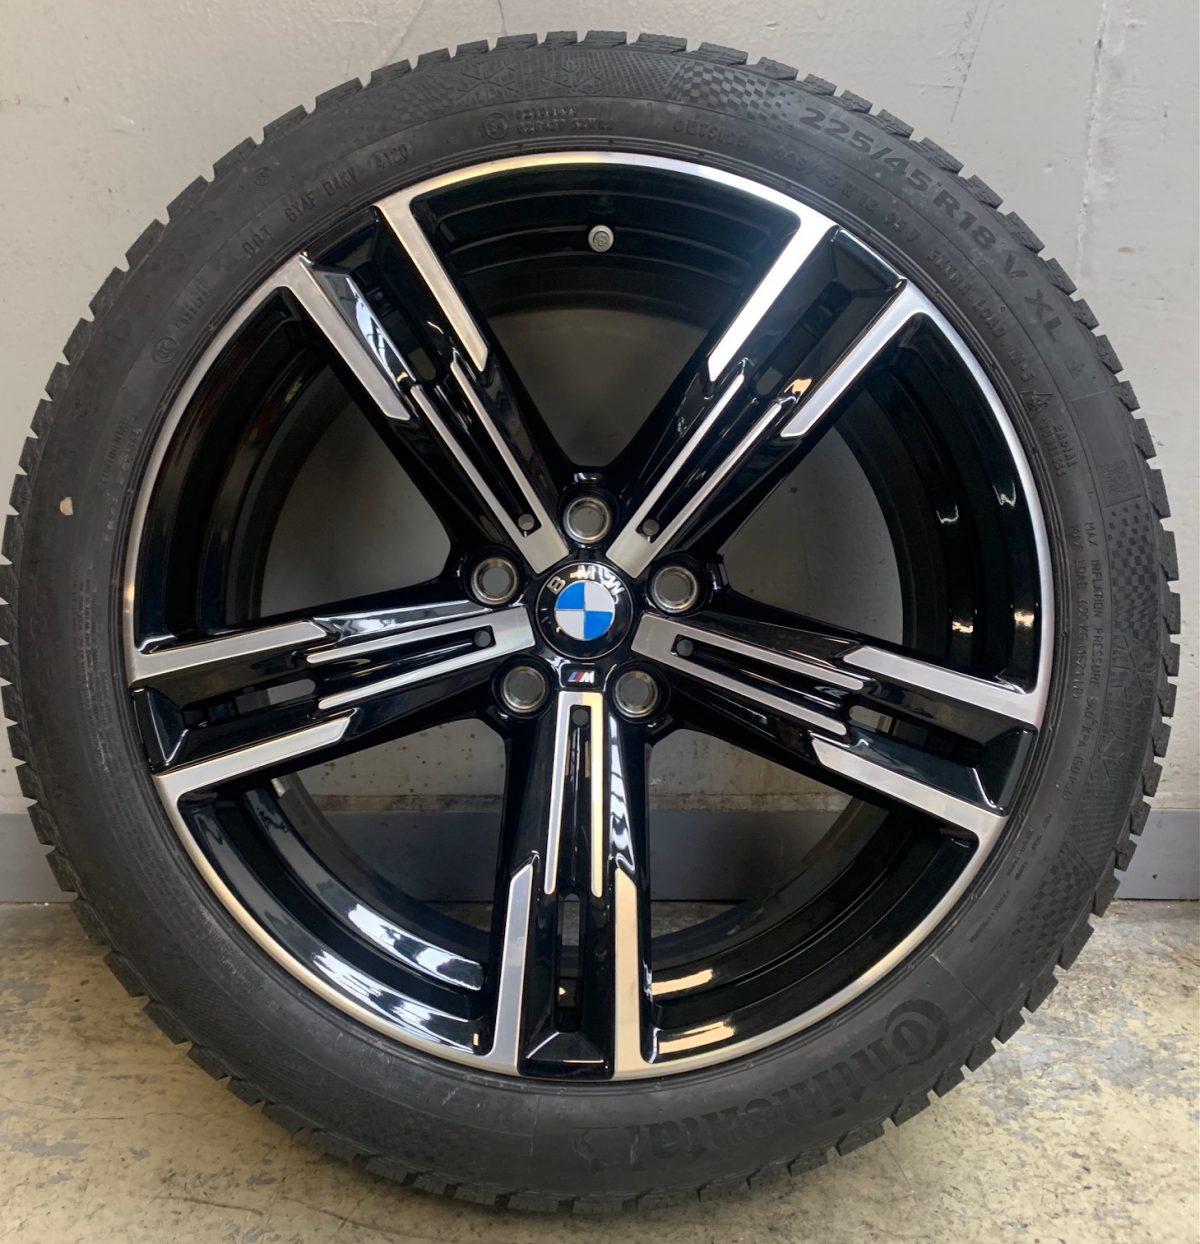 BMW G20-G21 (848M style) 7,5X18 8,5X18 5x112 új kétszéles télikerék garnitúra! Bridgestone gumikkal 1